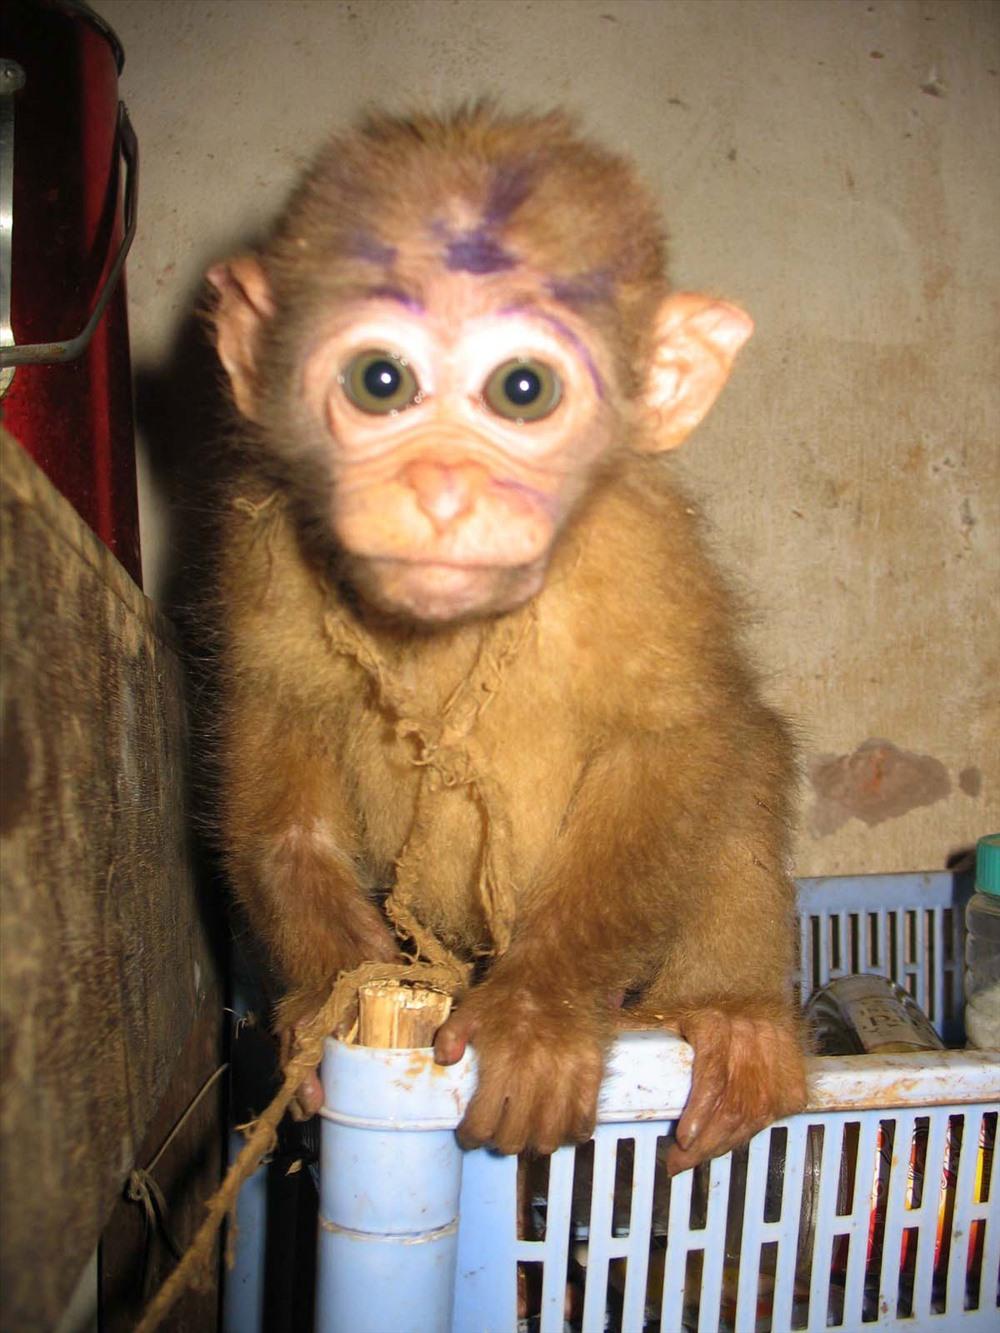 Động vật hoang dã bị tàn sát và trưng bày, bán buôn ở Việt Nam. Ảnh: Tâm Ninh.